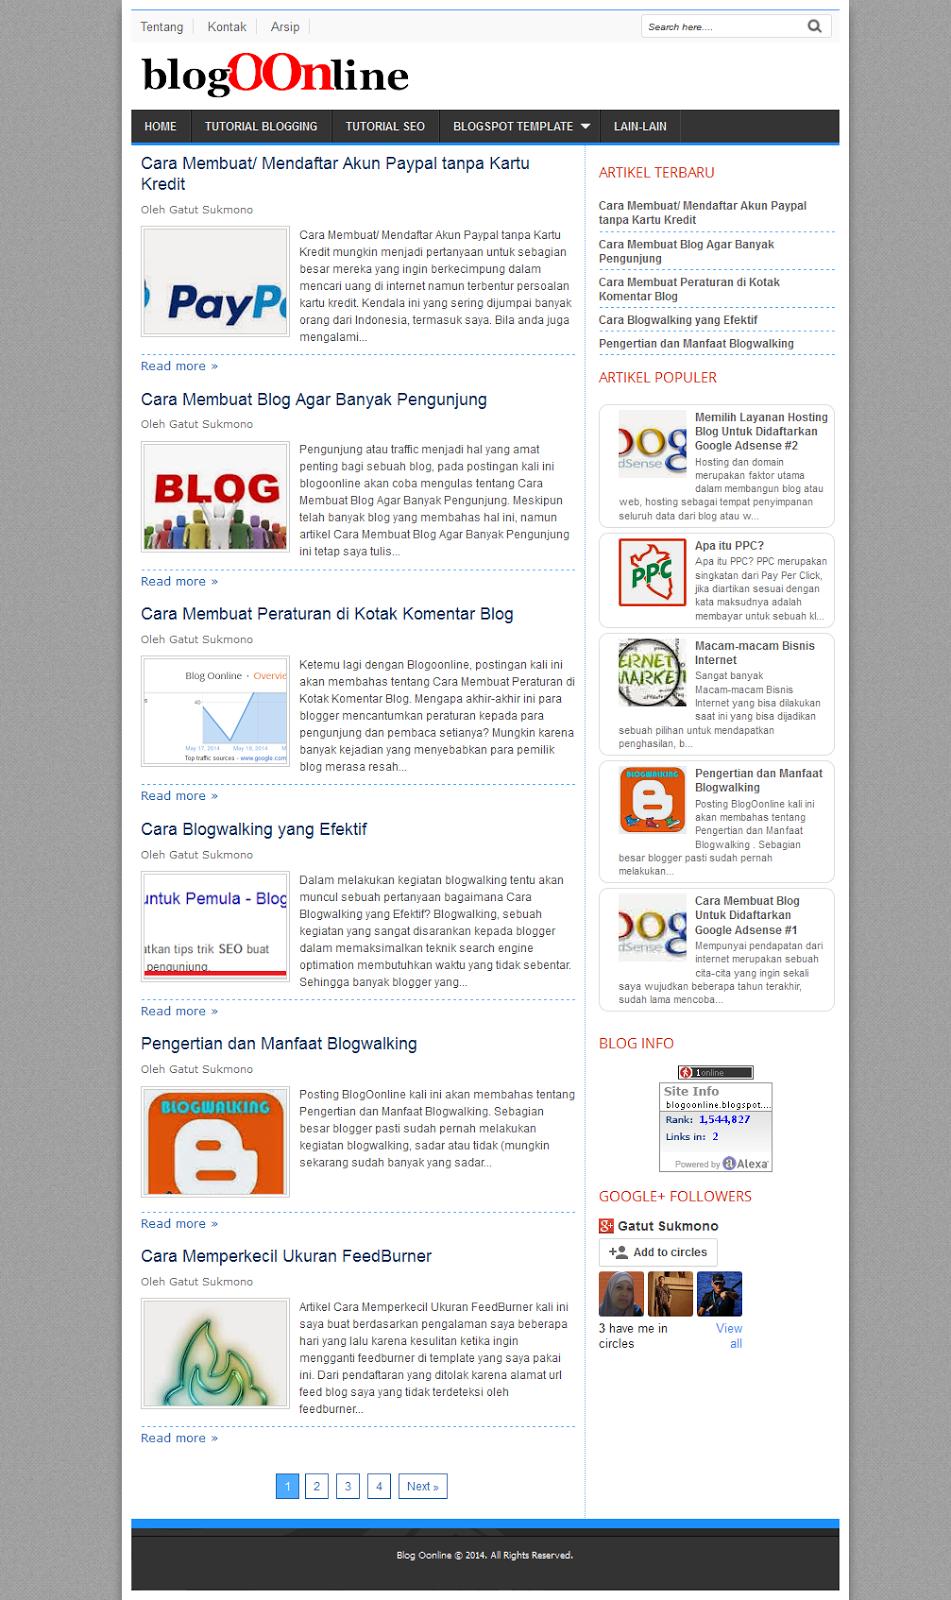 cara printscreen halaman situs dengan utuh